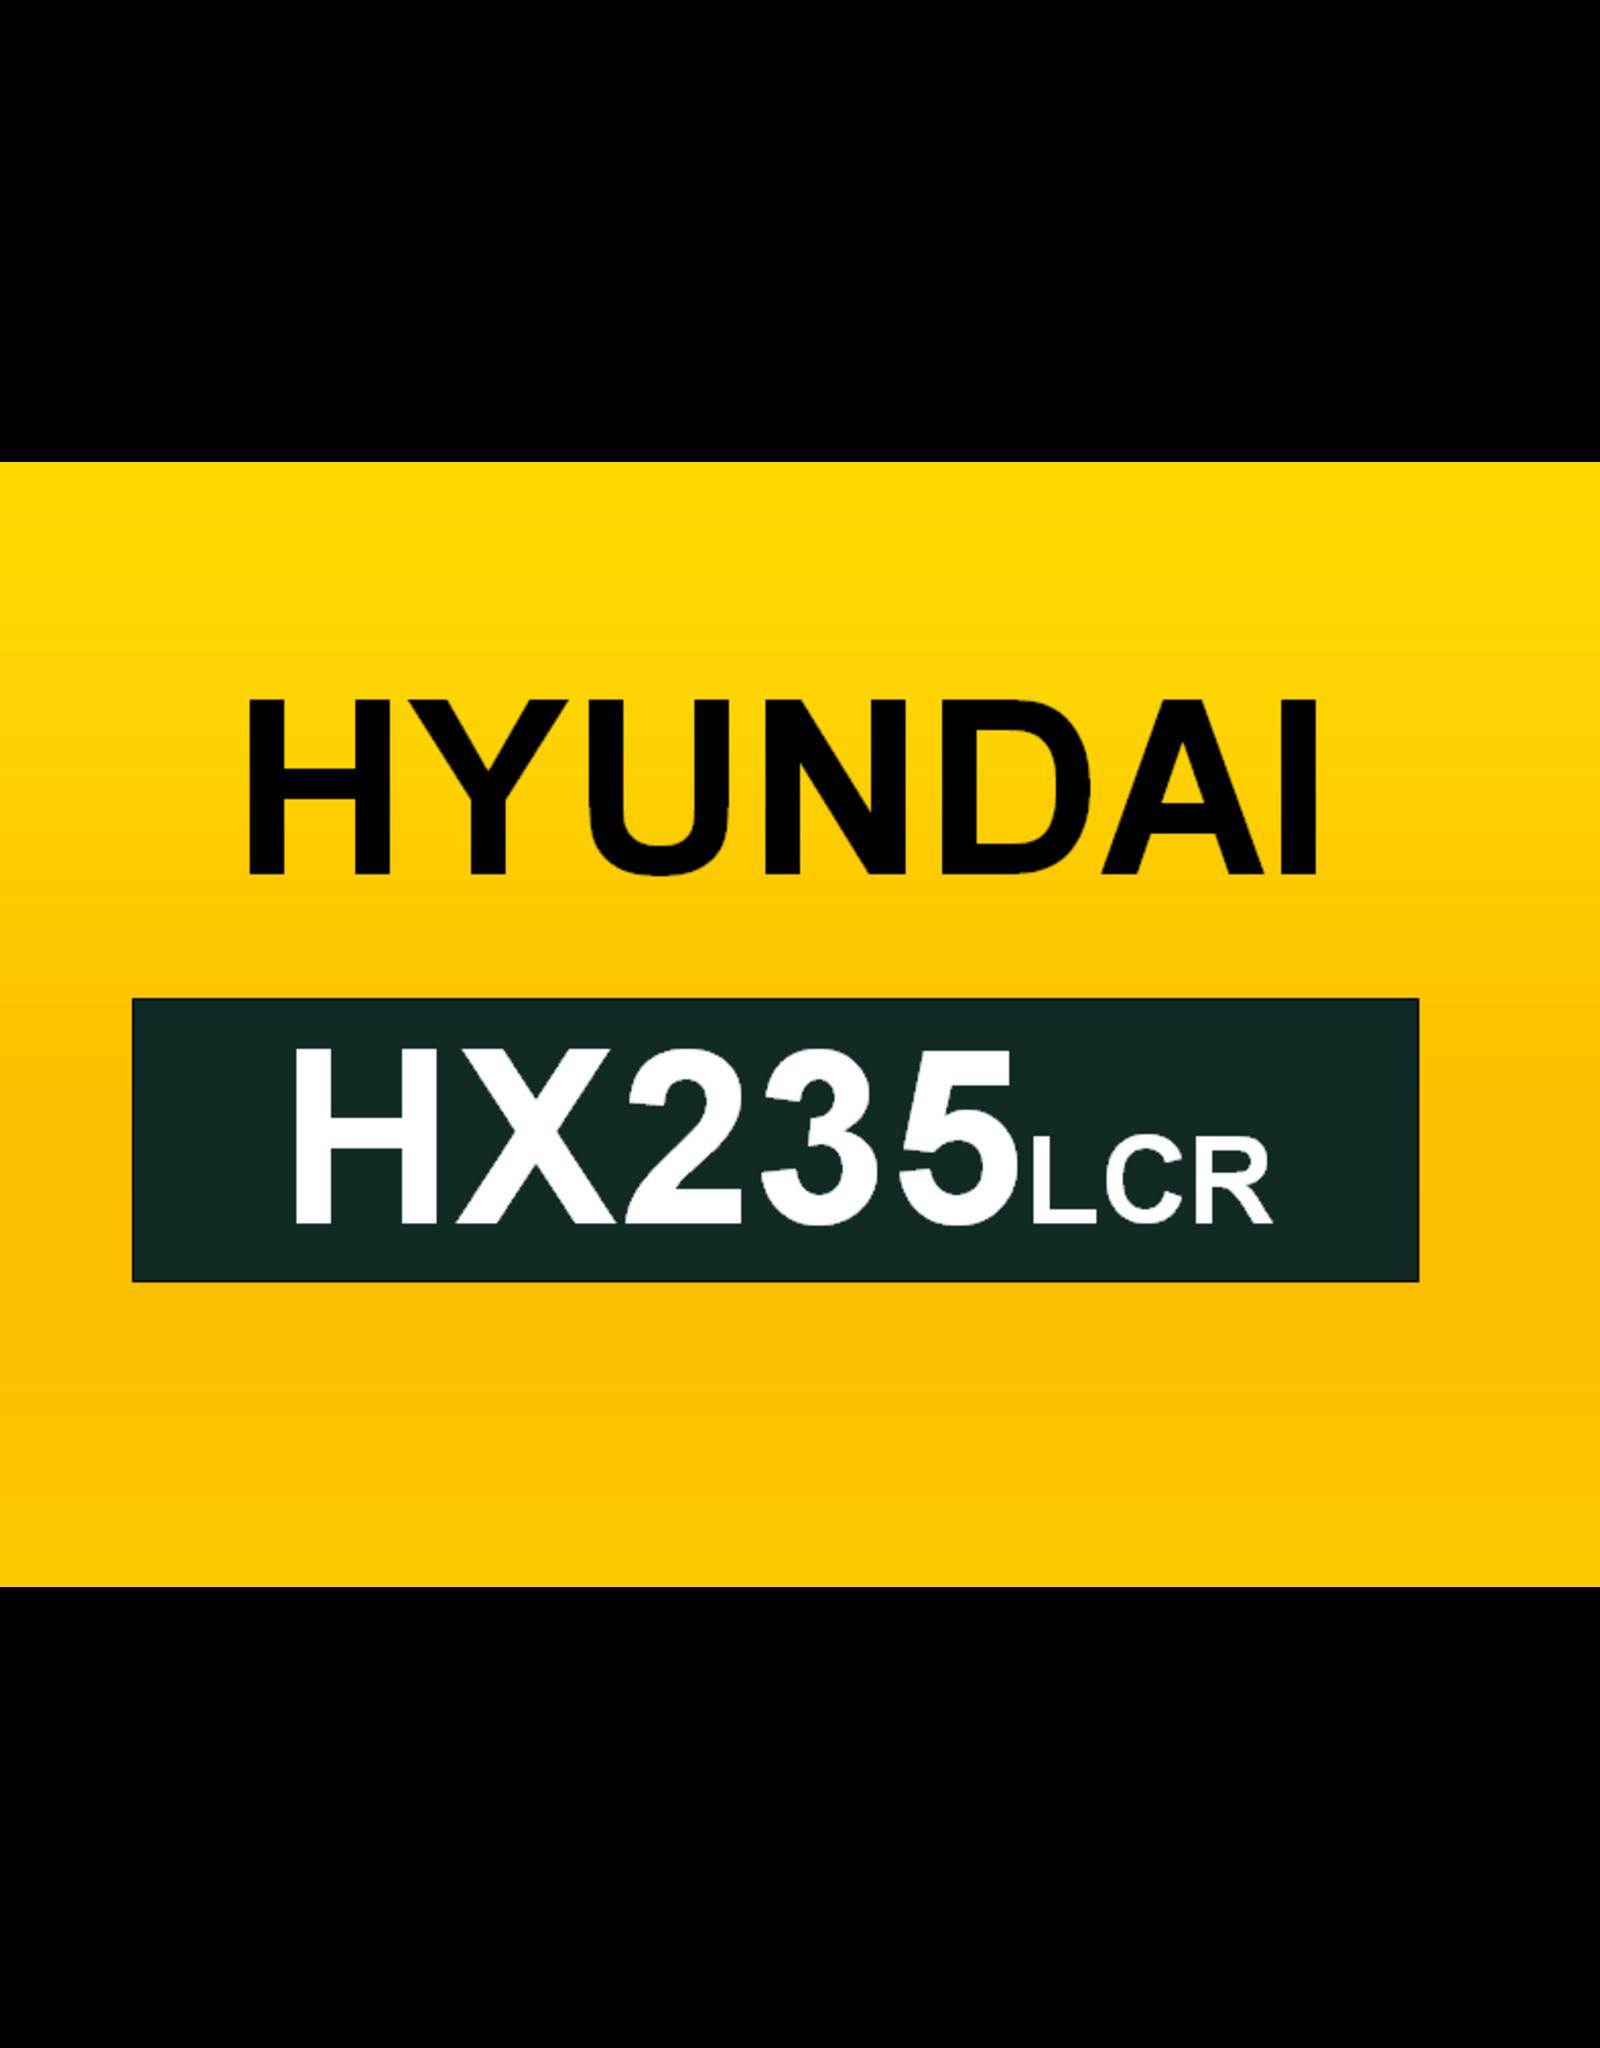 Echle Hartstahl GmbH FOPS für Hyundai HX235LCR